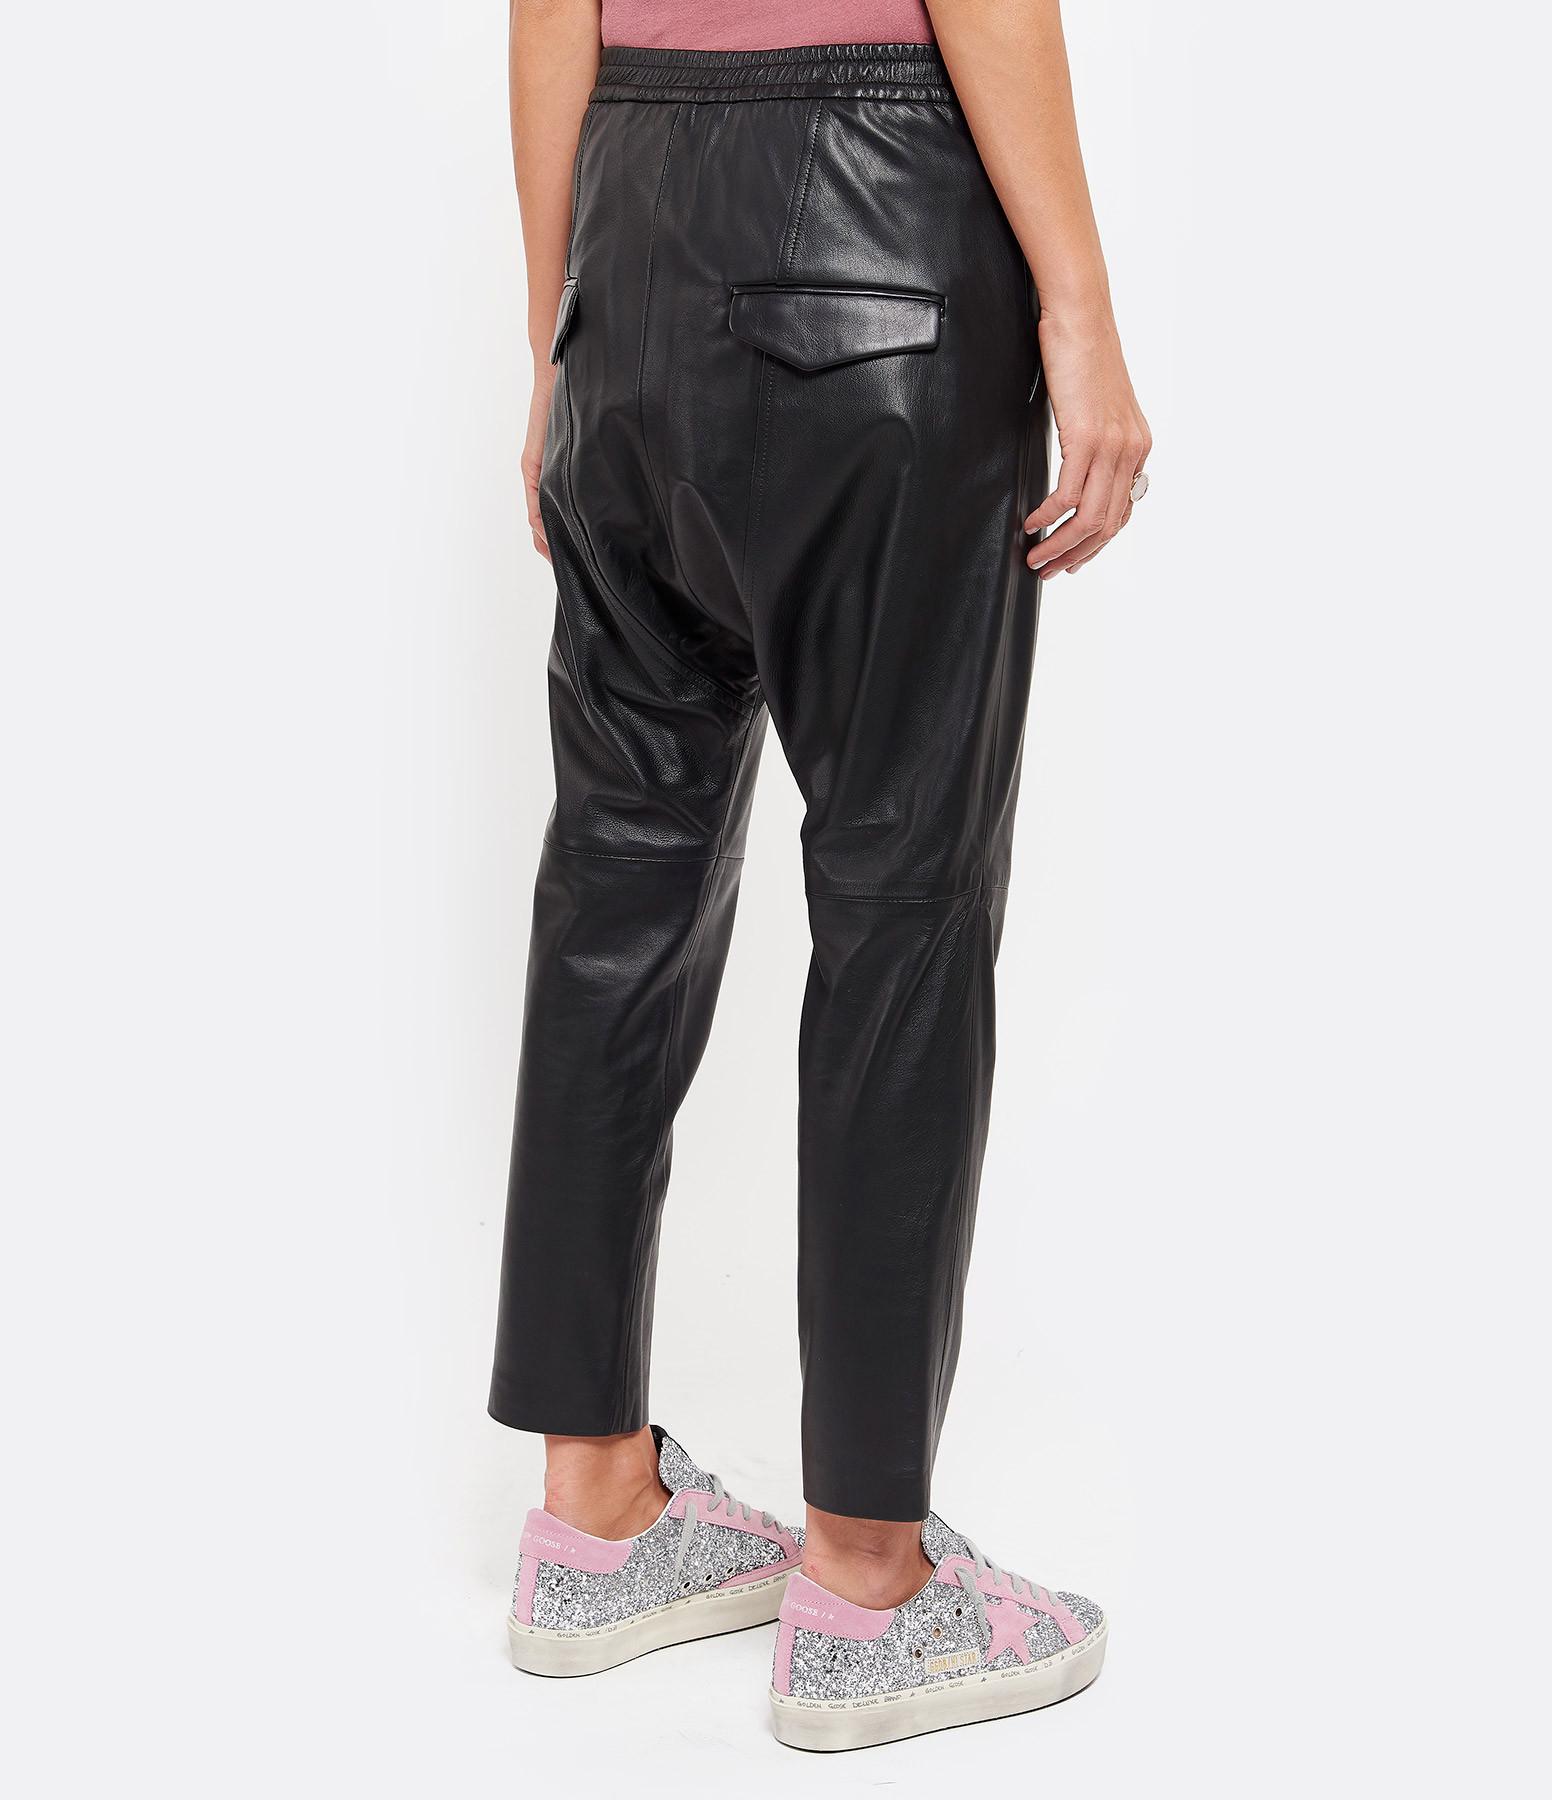 NILI LOTAN - Pantalon Monaco Cuir Noir